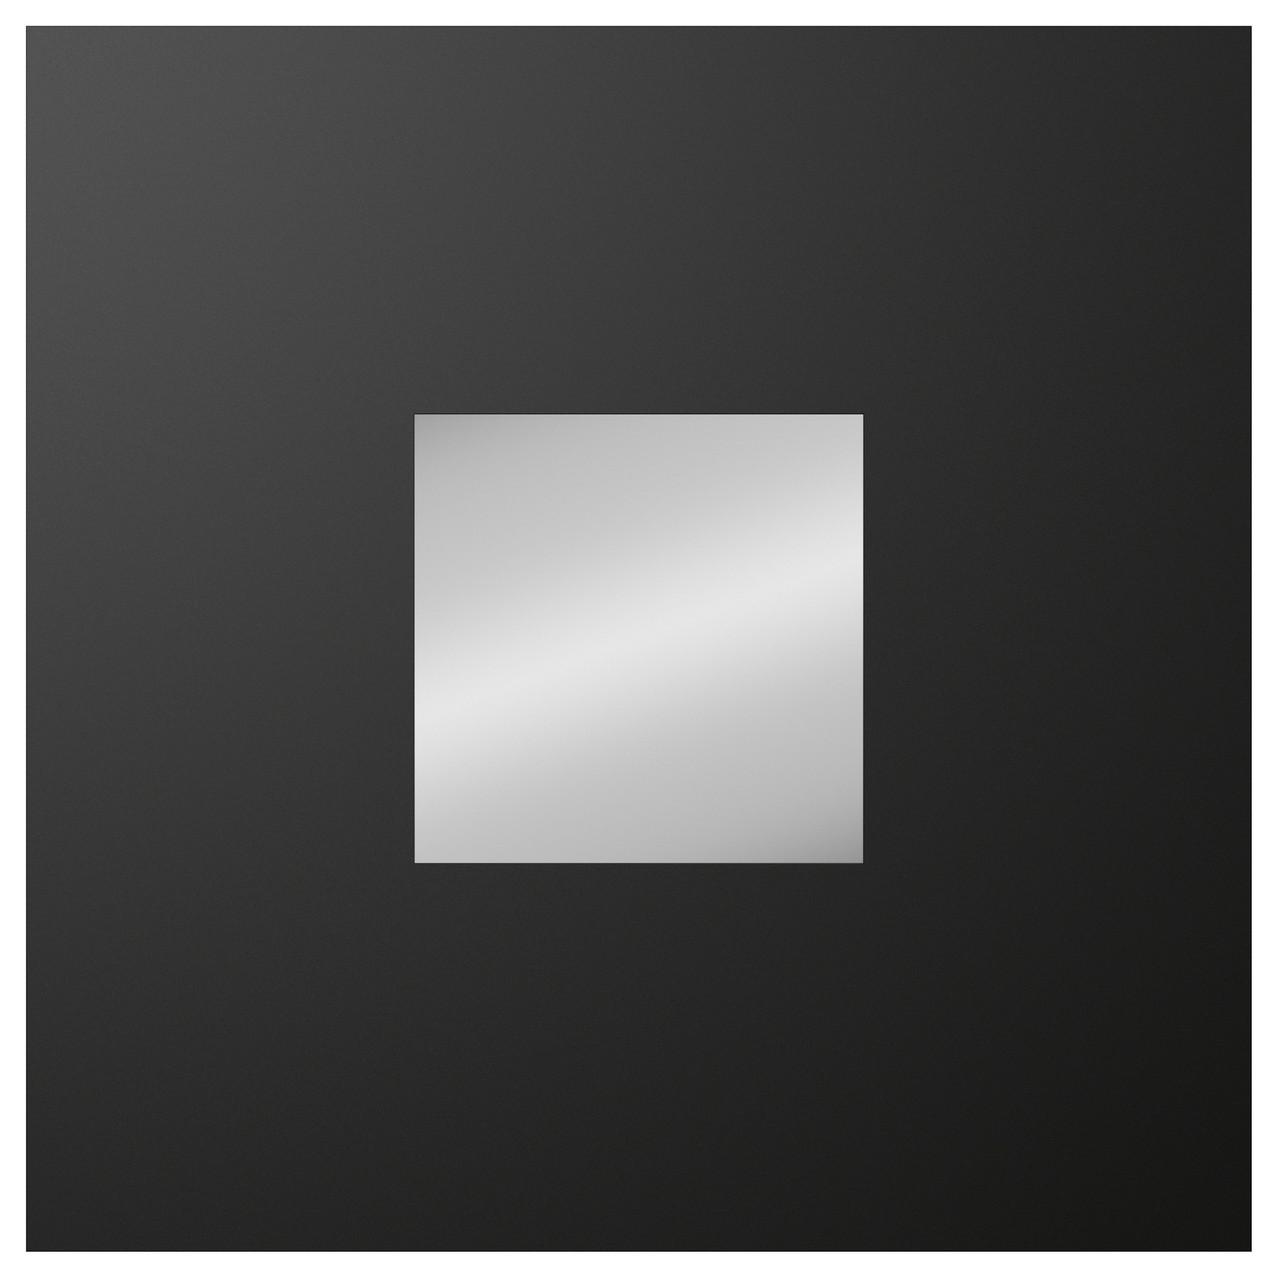 MALMA Зеркало, черный 002.328.30